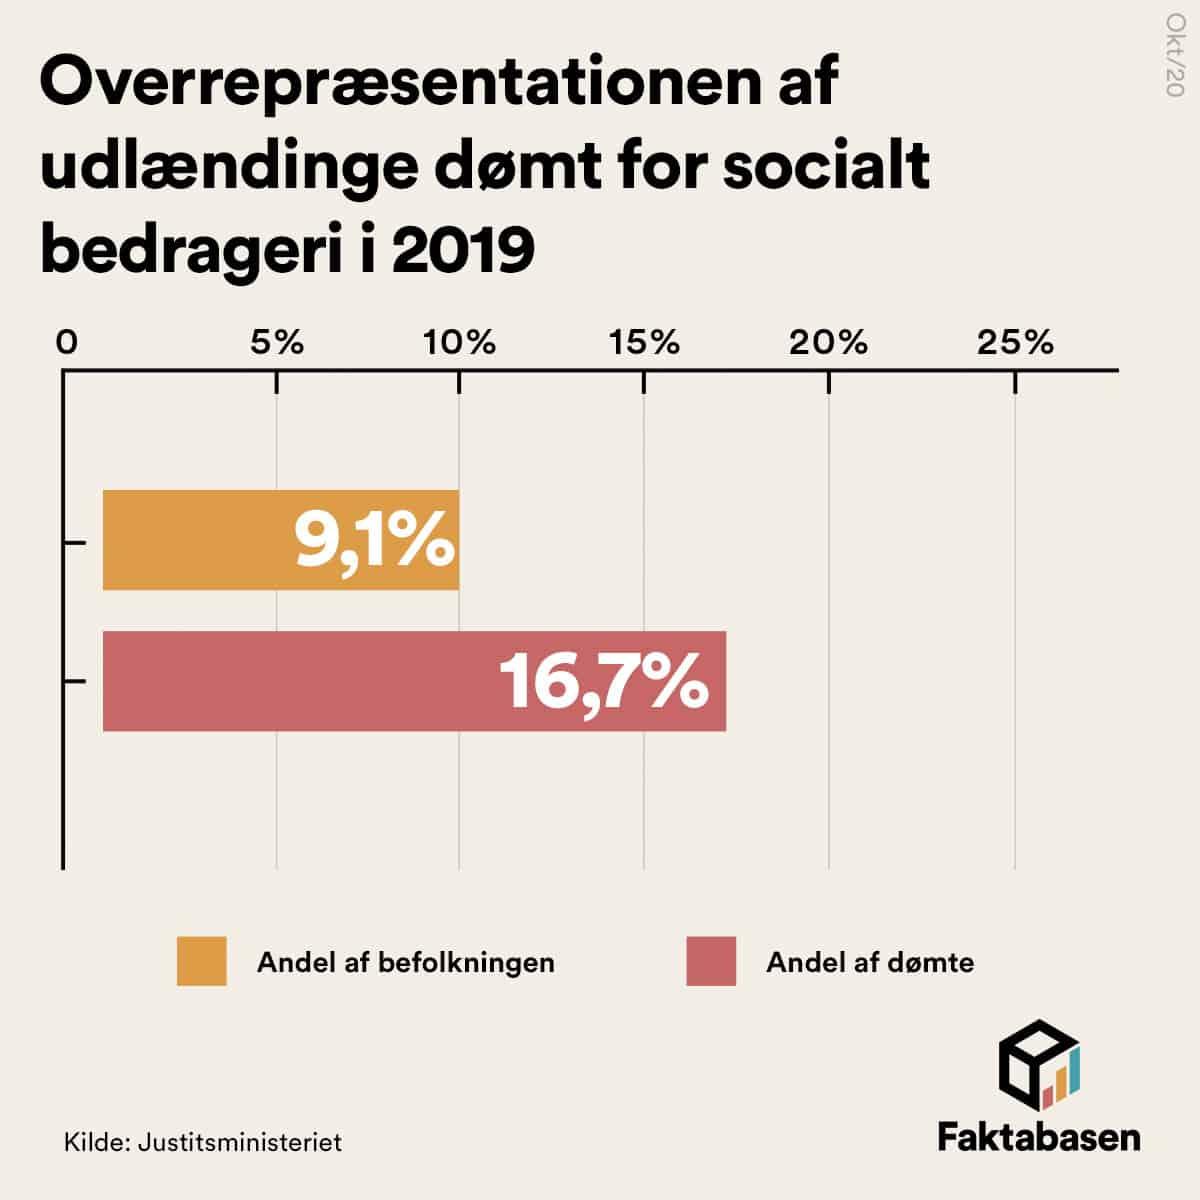 Udlændinge er overrepræsenterede i andel af dømte for socialt bedrageri